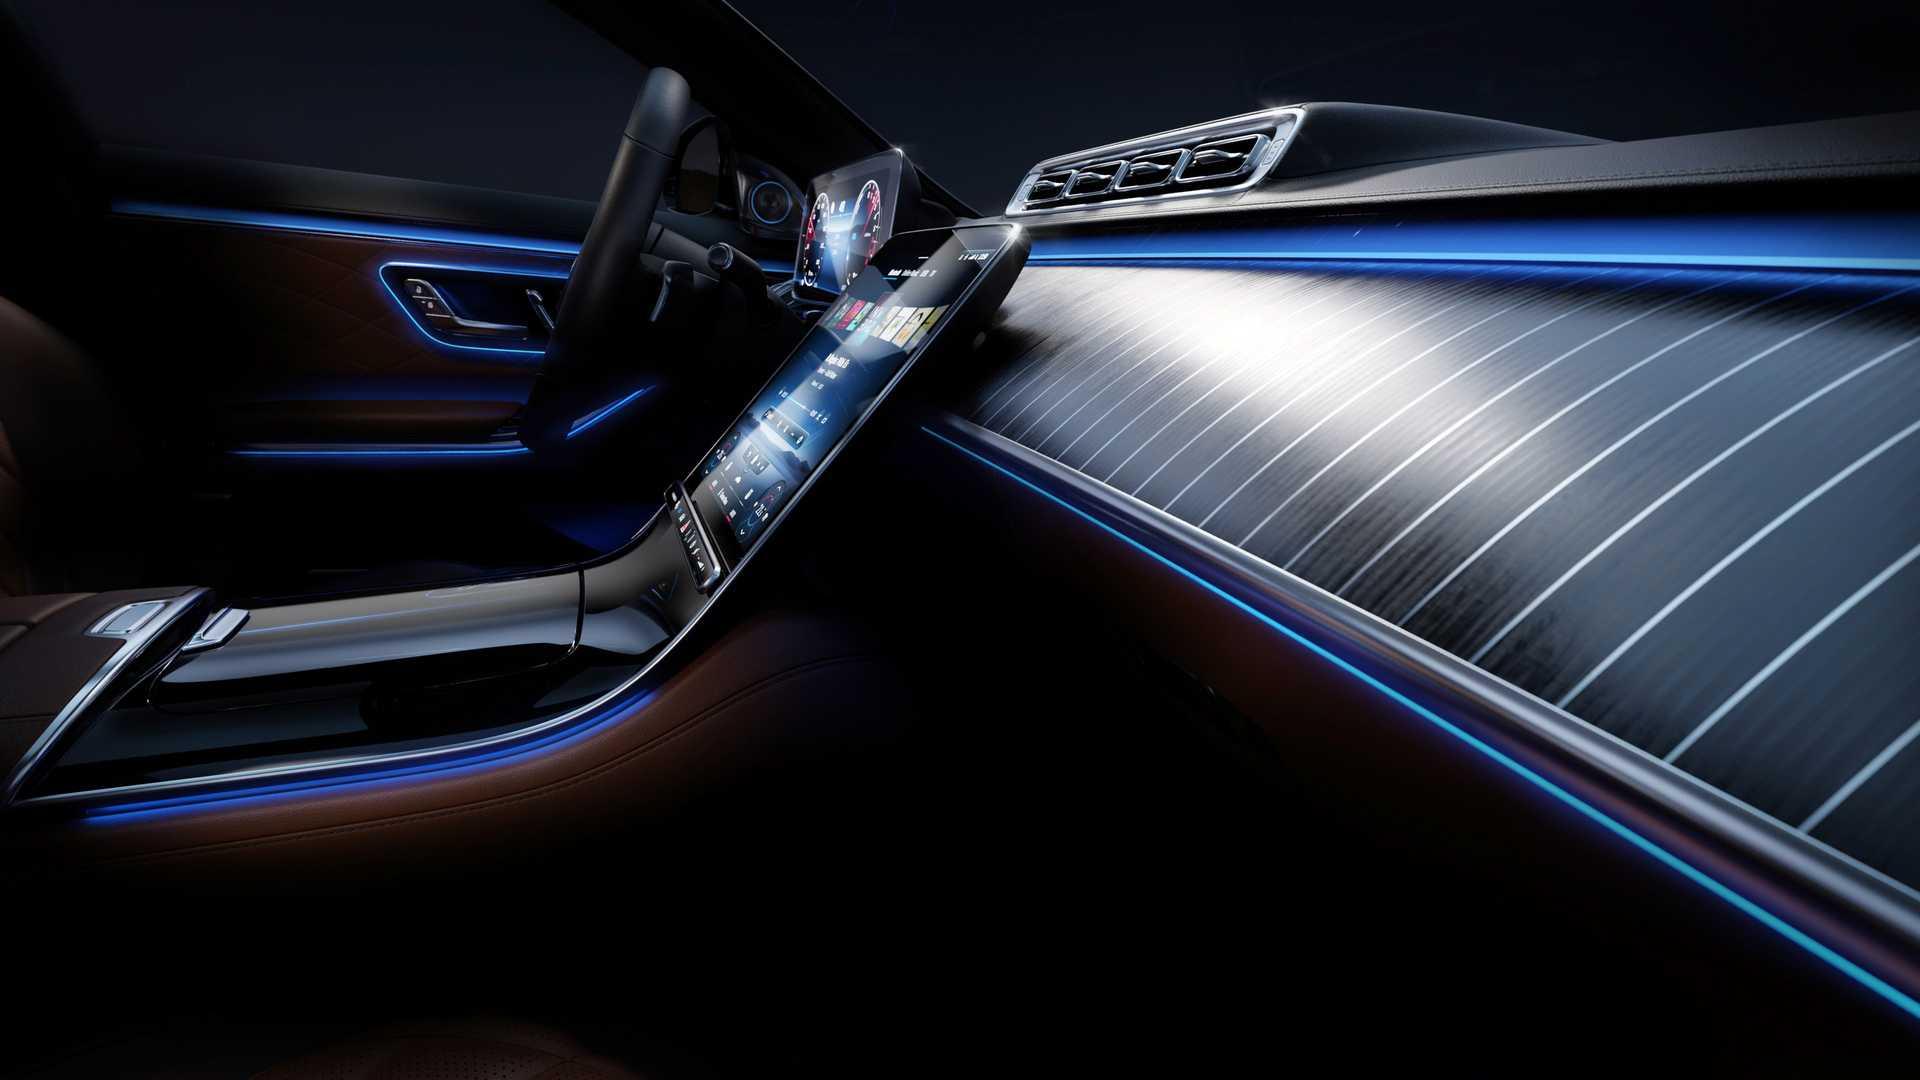 2021 mercedes benz s class ambient lighting 1